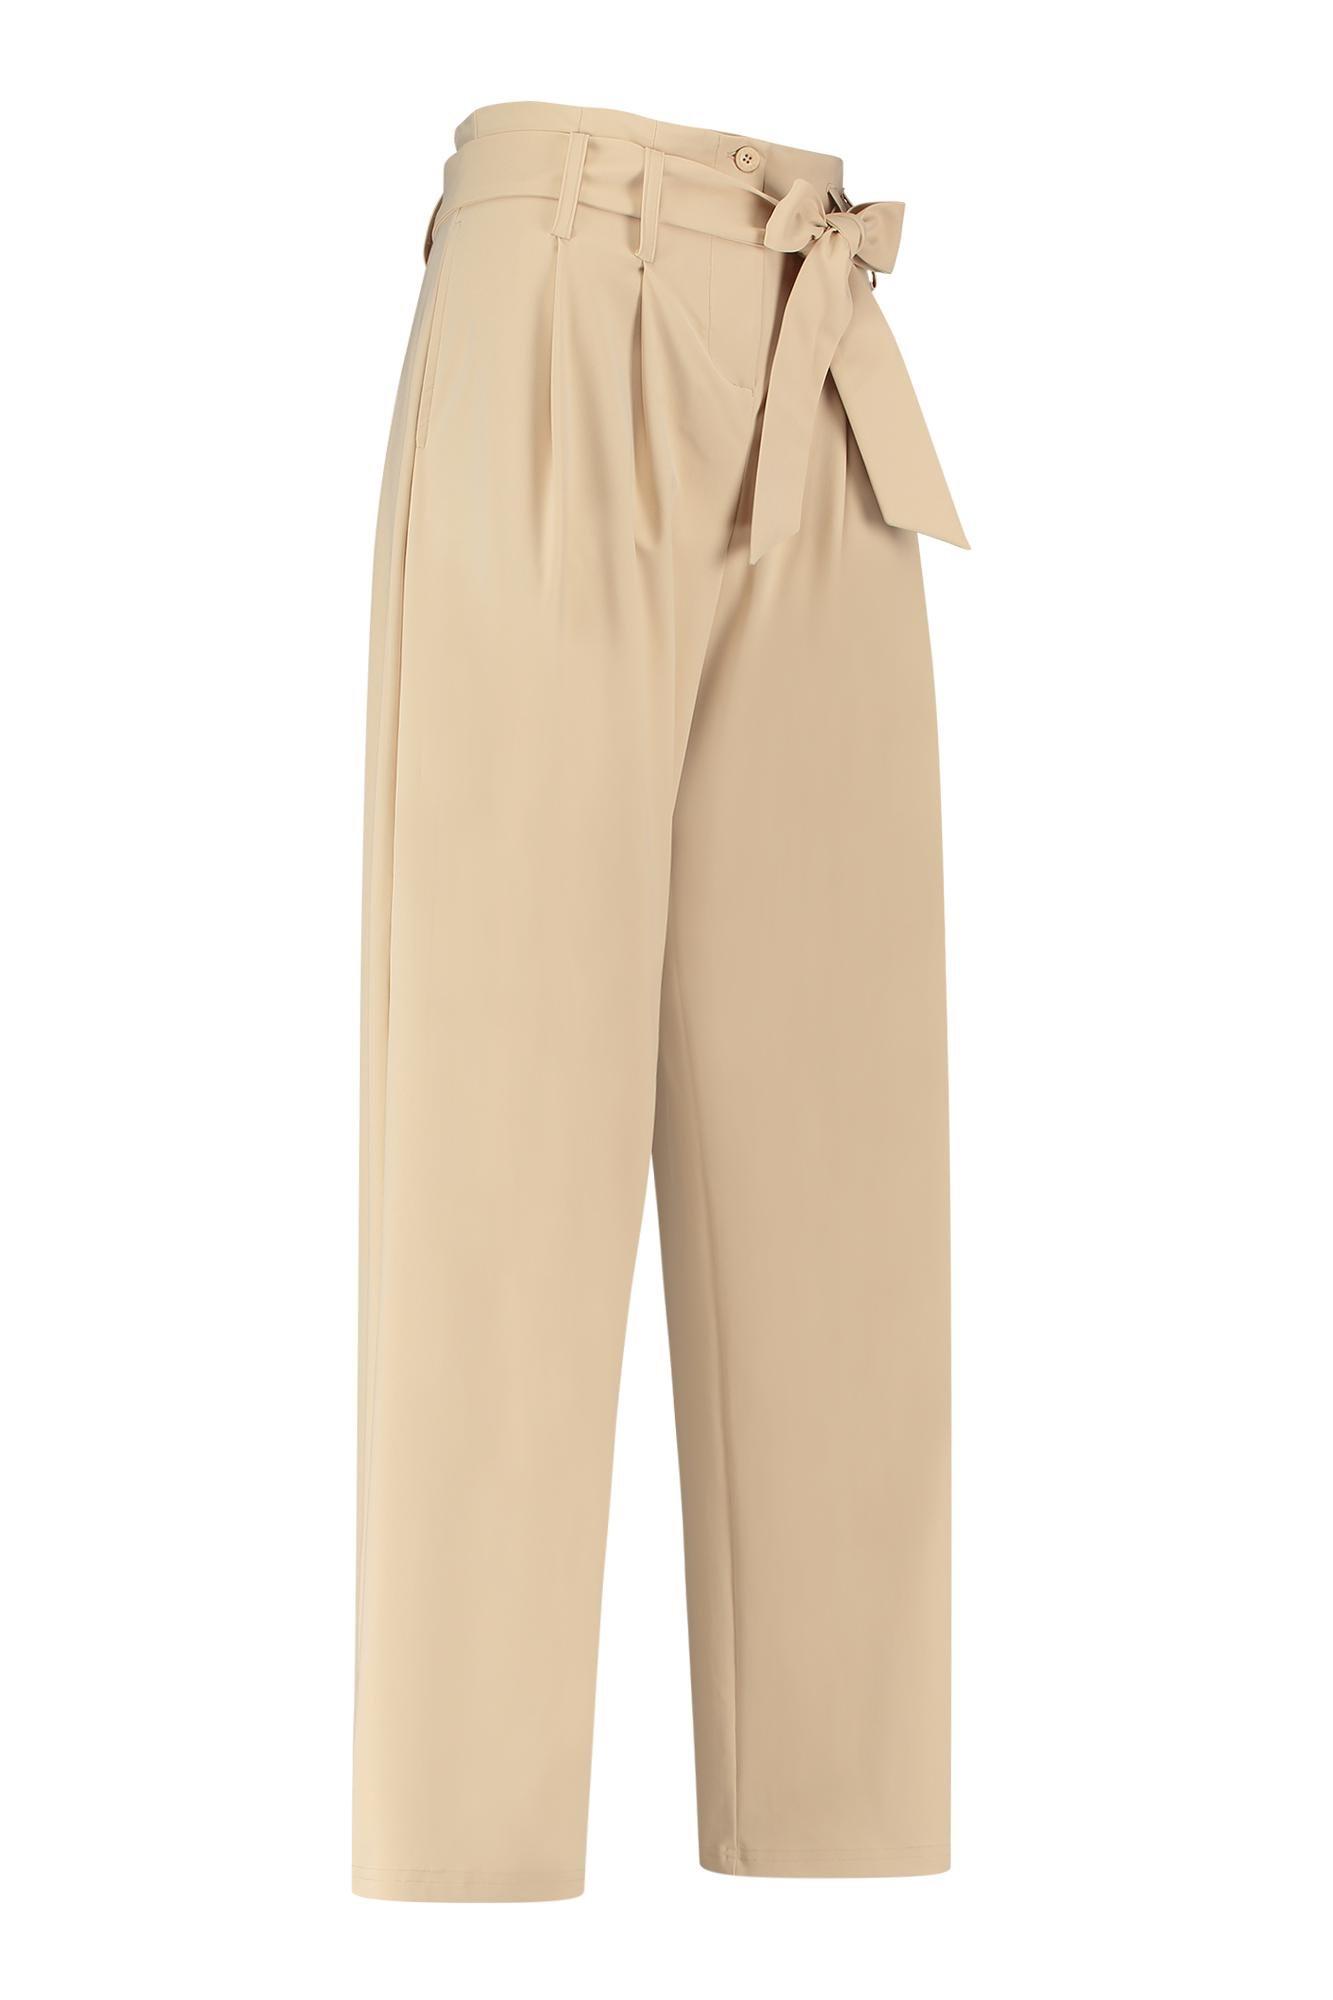 Sadie trousers